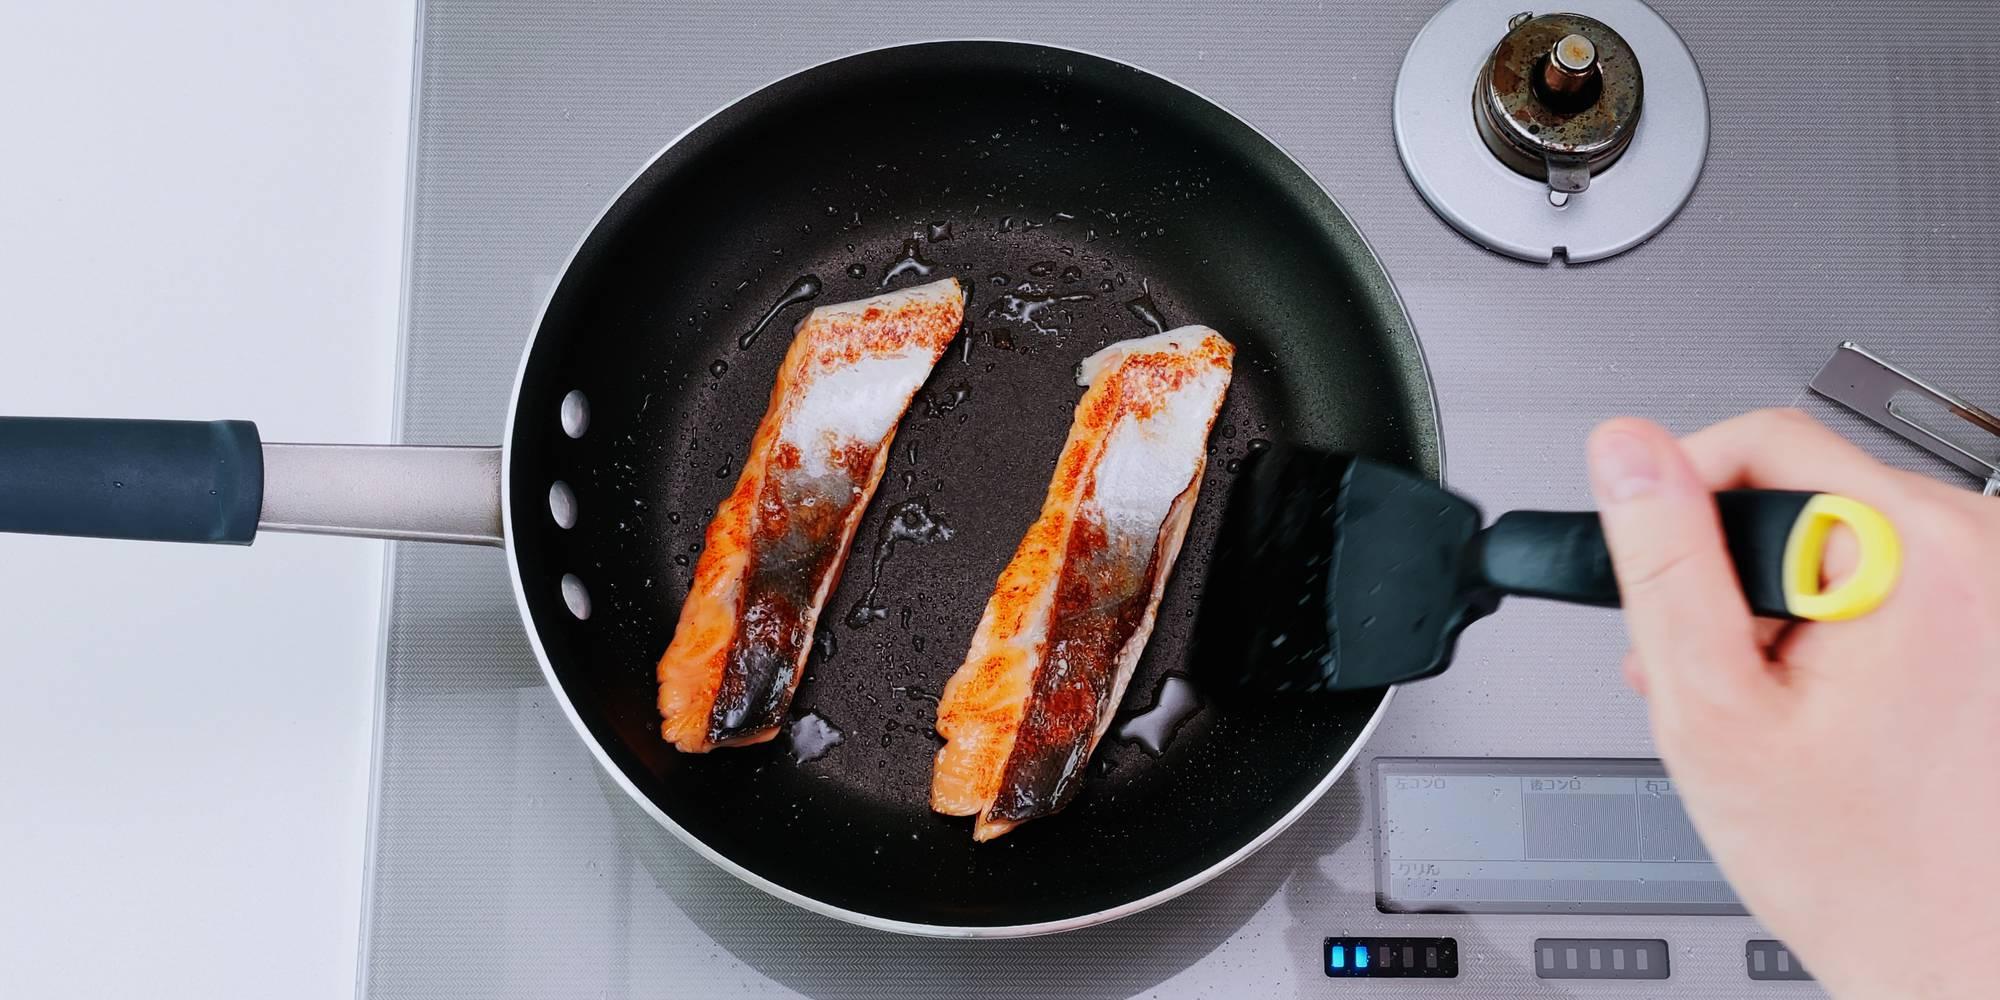 Japanese breakfast salmon in a frying pan.